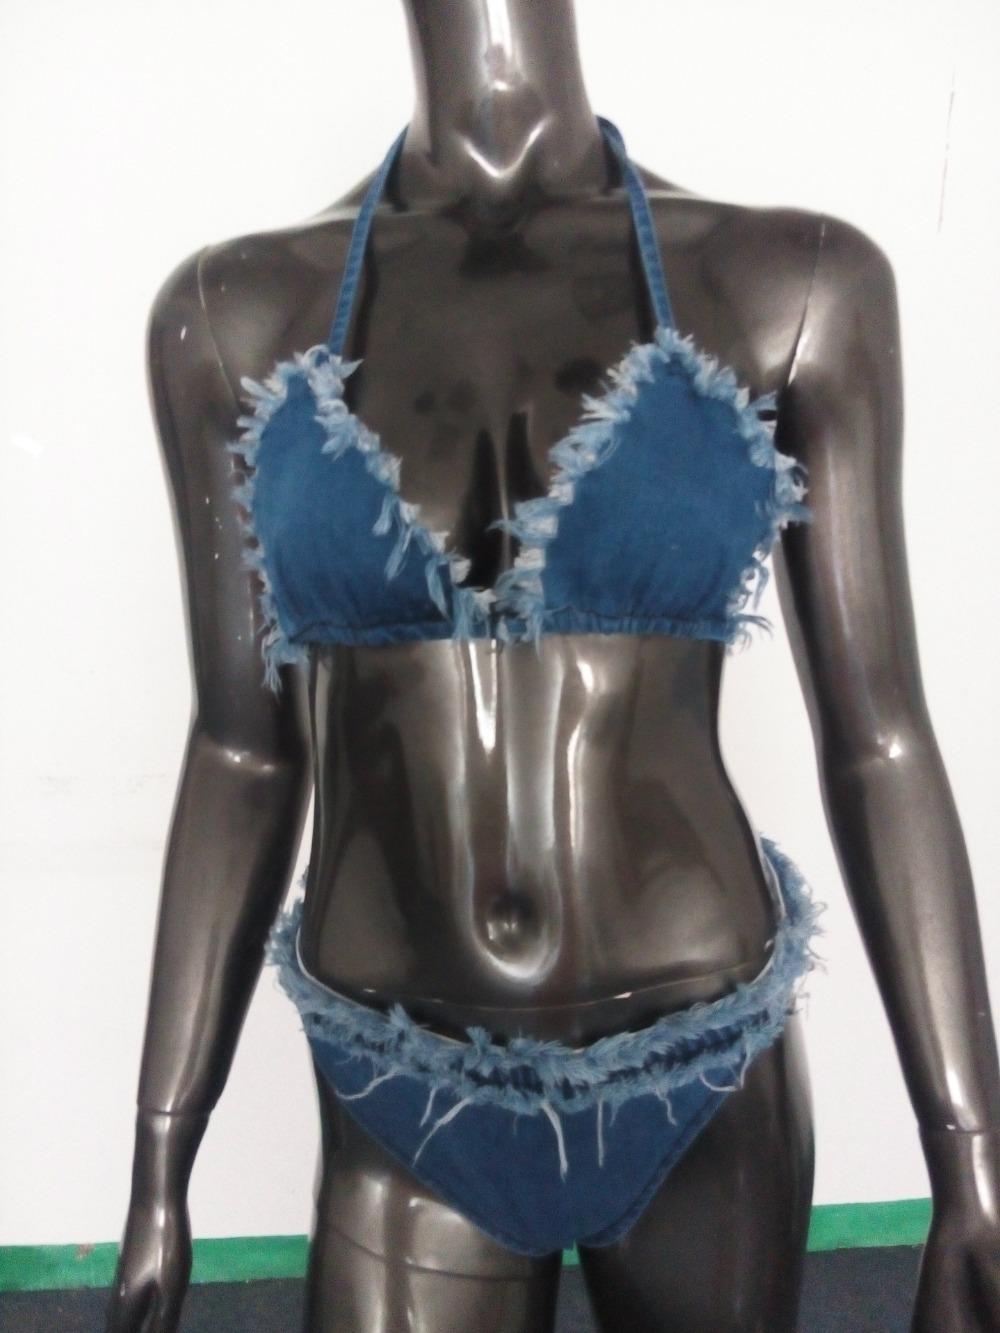 Amazoncom: Bella Brazil - Jeans / Clothing: Clothing